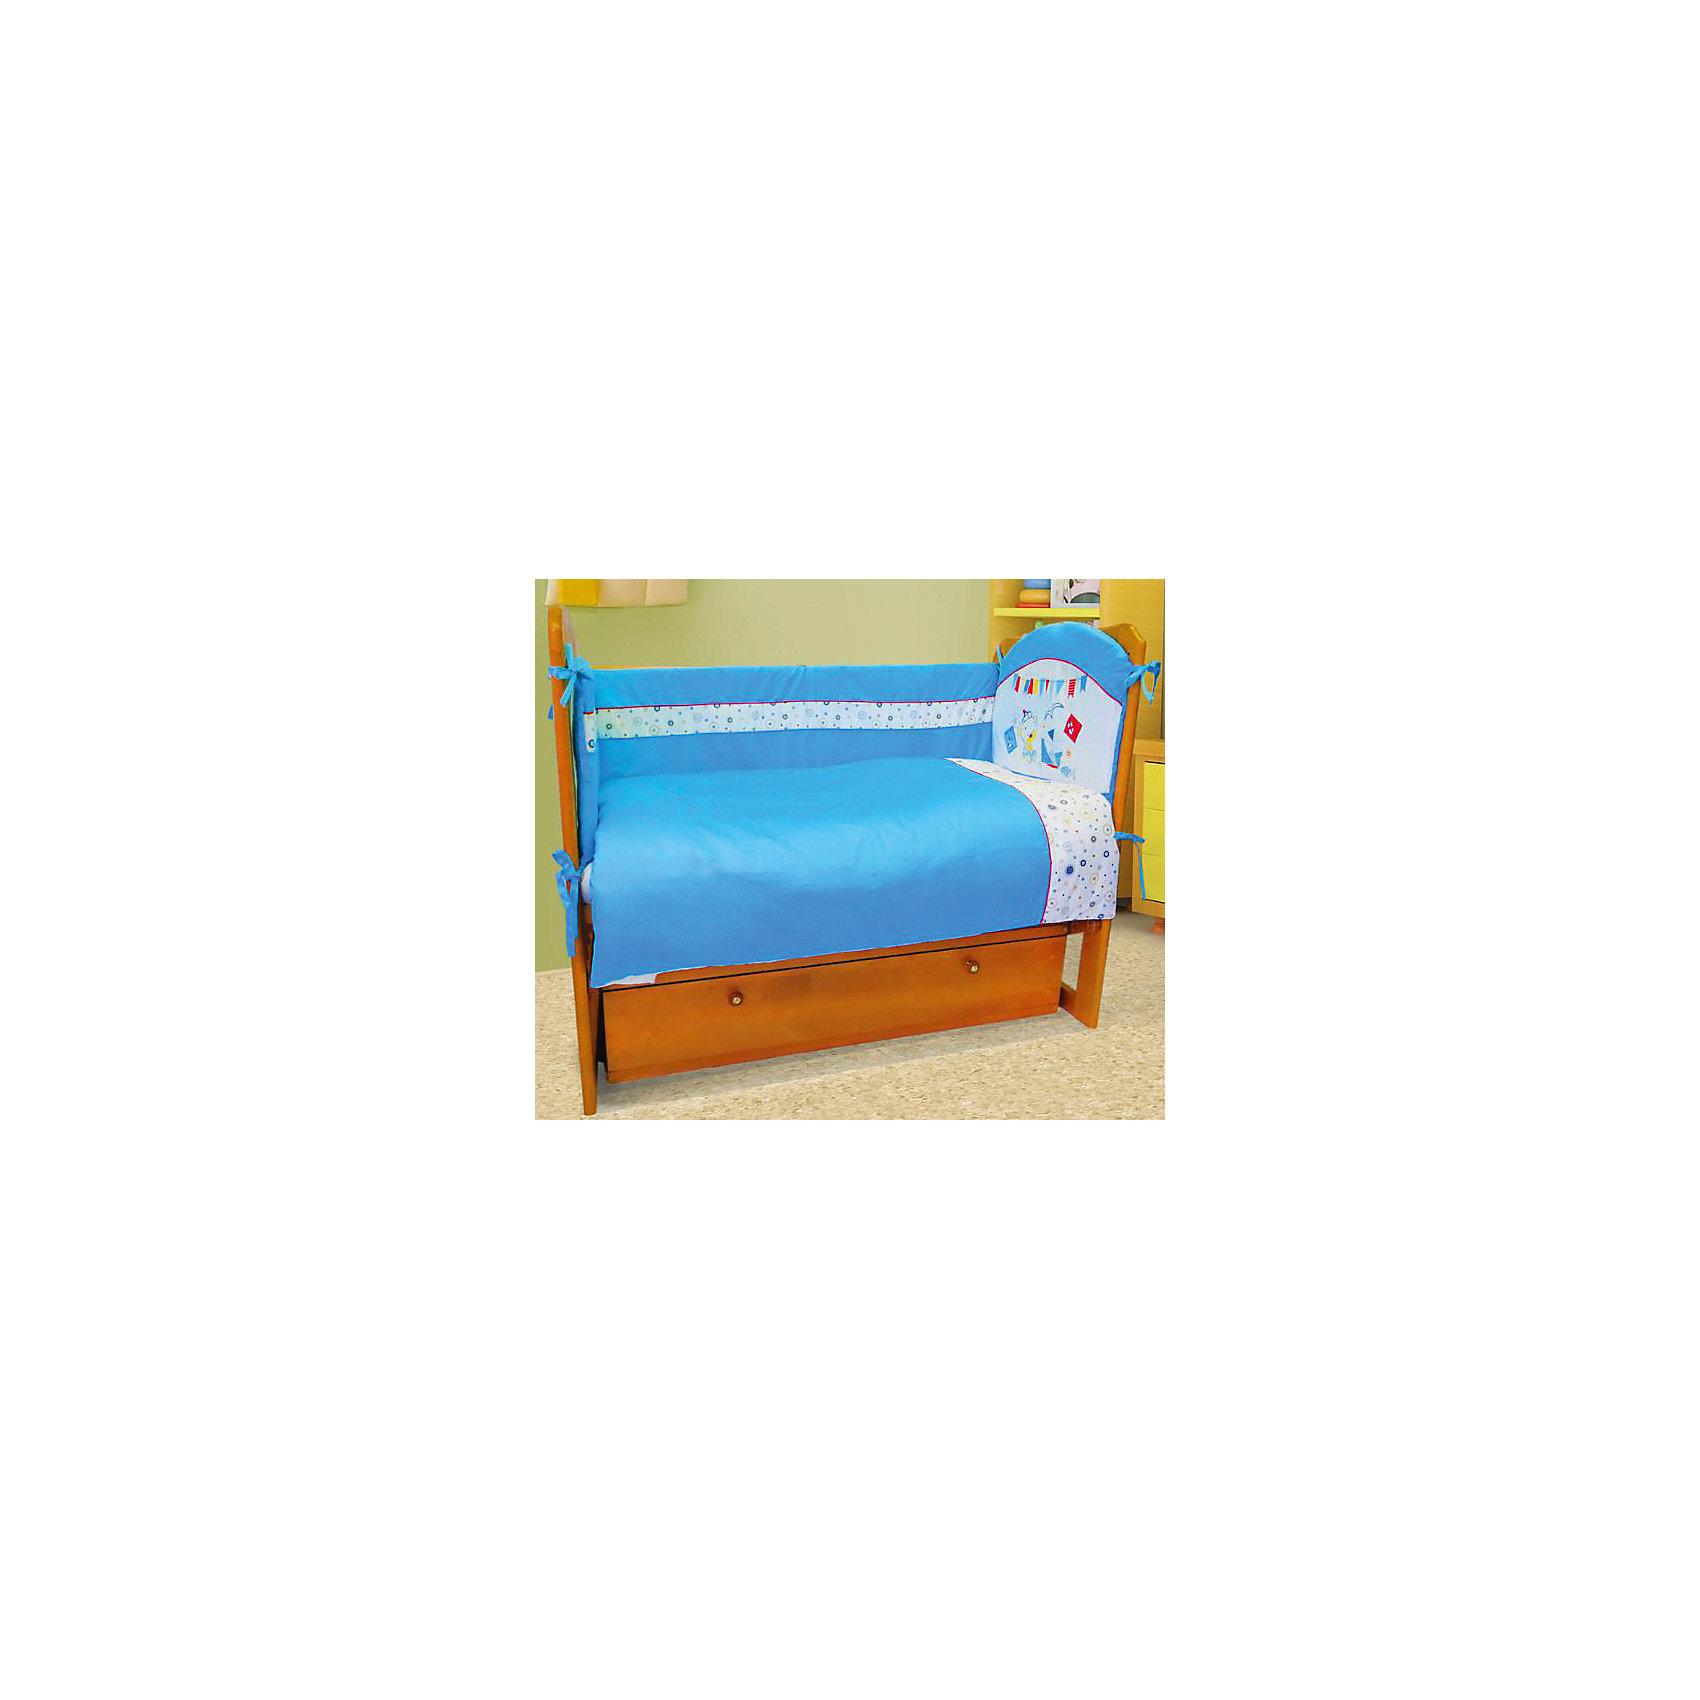 Постельное белье МОРСКОЙ 6 пред., Soni kids, голубойПостельное бельё<br>Красивый и очень нежный комплект детского постельного белья, состоящий из шести предметов.<br><br>Такой комплект станет прекрасным подарком для родителей и малыша! <br><br><br>Дополнительная информация:<br><br>- Размеры: <br> Одеяло 140х110 см.<br> Пододеяльника 142х112 см.<br> Бортик на всю кроватку.<br> Простынке на резинке 150х90 см.<br> Подушка 40х60 см.<br> Наволочка 40х60 см. <br>- Возраст: до 3 лет.<br>- Состав: 100% высококачественный хлопок.<br>- Наполнитель: импортный гладко окрашенный сатин.<br>- Цвет: голубой.<br>- Размер упаковки: 25х60х45 см.<br>- Вес в упаковке: 1200 г.<br><br>Купить постельное белье МОРСКОЙ от Soni kids в голубом цвете, можно в нашем магазине.<br><br>Ширина мм: 250<br>Глубина мм: 600<br>Высота мм: 450<br>Вес г: 1200<br>Возраст от месяцев: 0<br>Возраст до месяцев: 36<br>Пол: Мужской<br>Возраст: Детский<br>SKU: 4905948